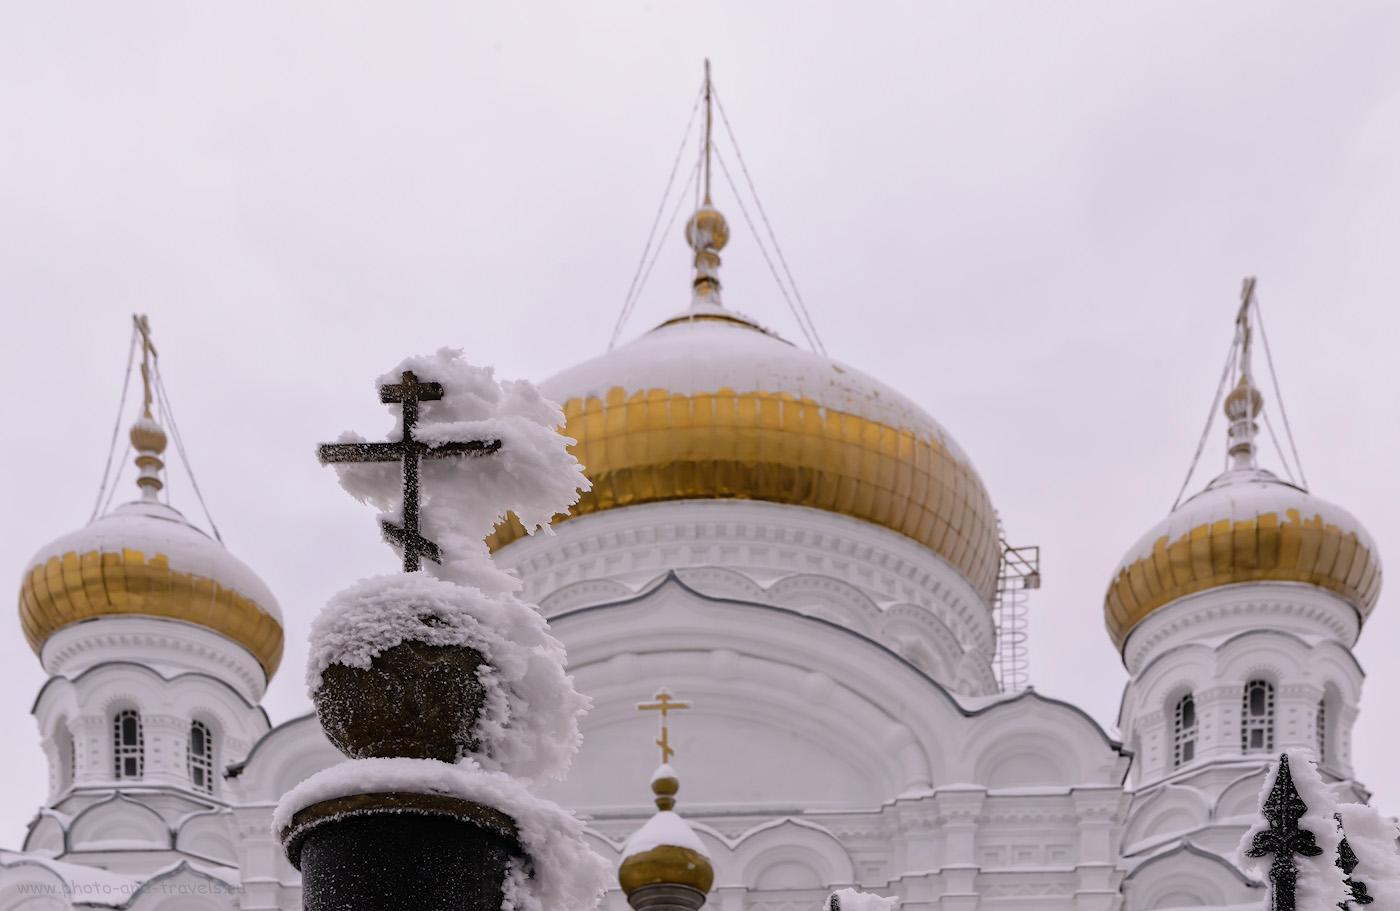 Фото 13. Вид на Крестовоздвиженский собор Белогорского монастыря. 1/125, +0.67, 14.0, 800, 56.